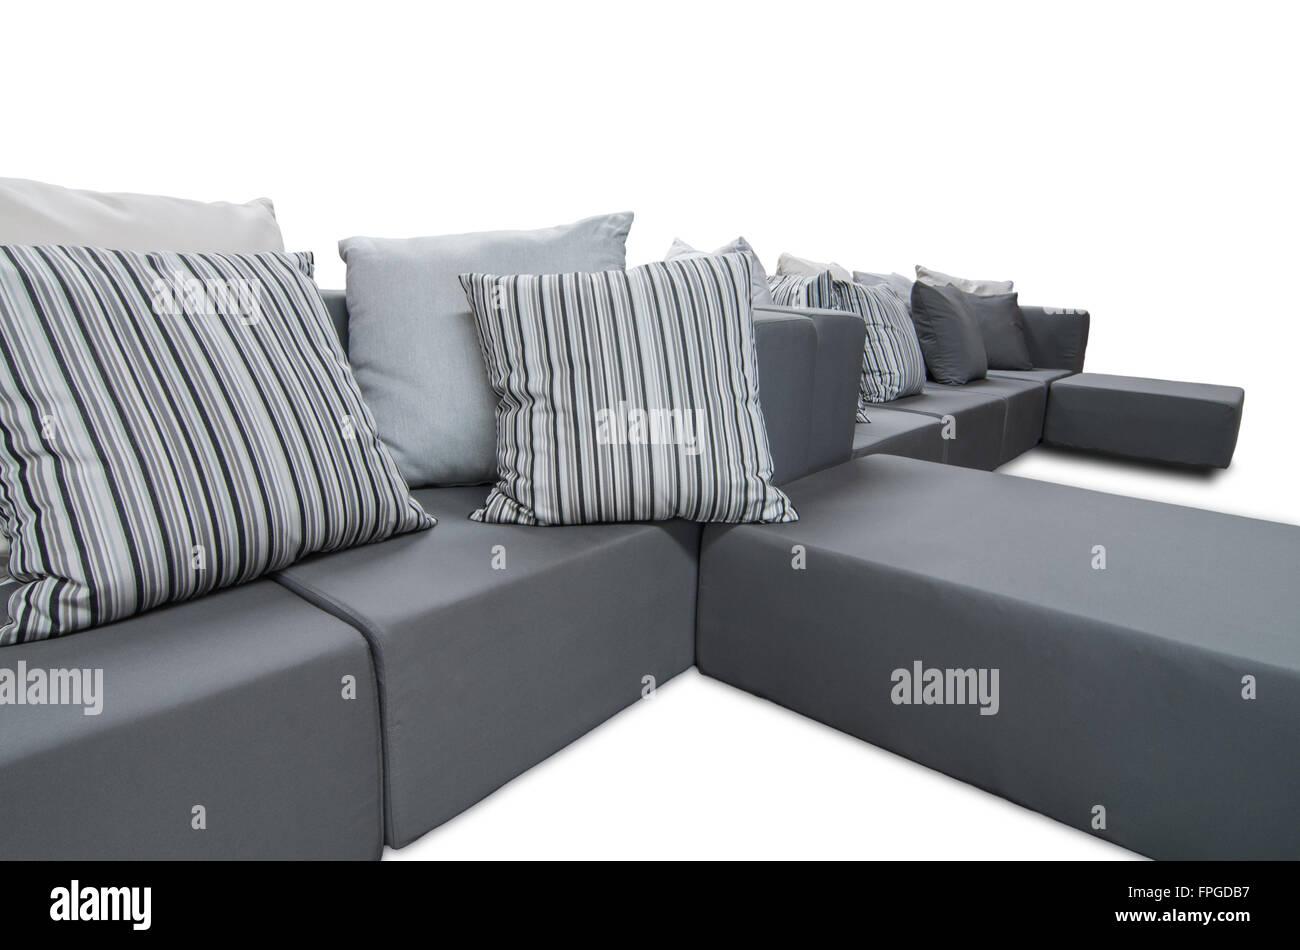 Outdoor Indoor Sofa Mit Wasserdicht Polster Und Kissen Stockbild